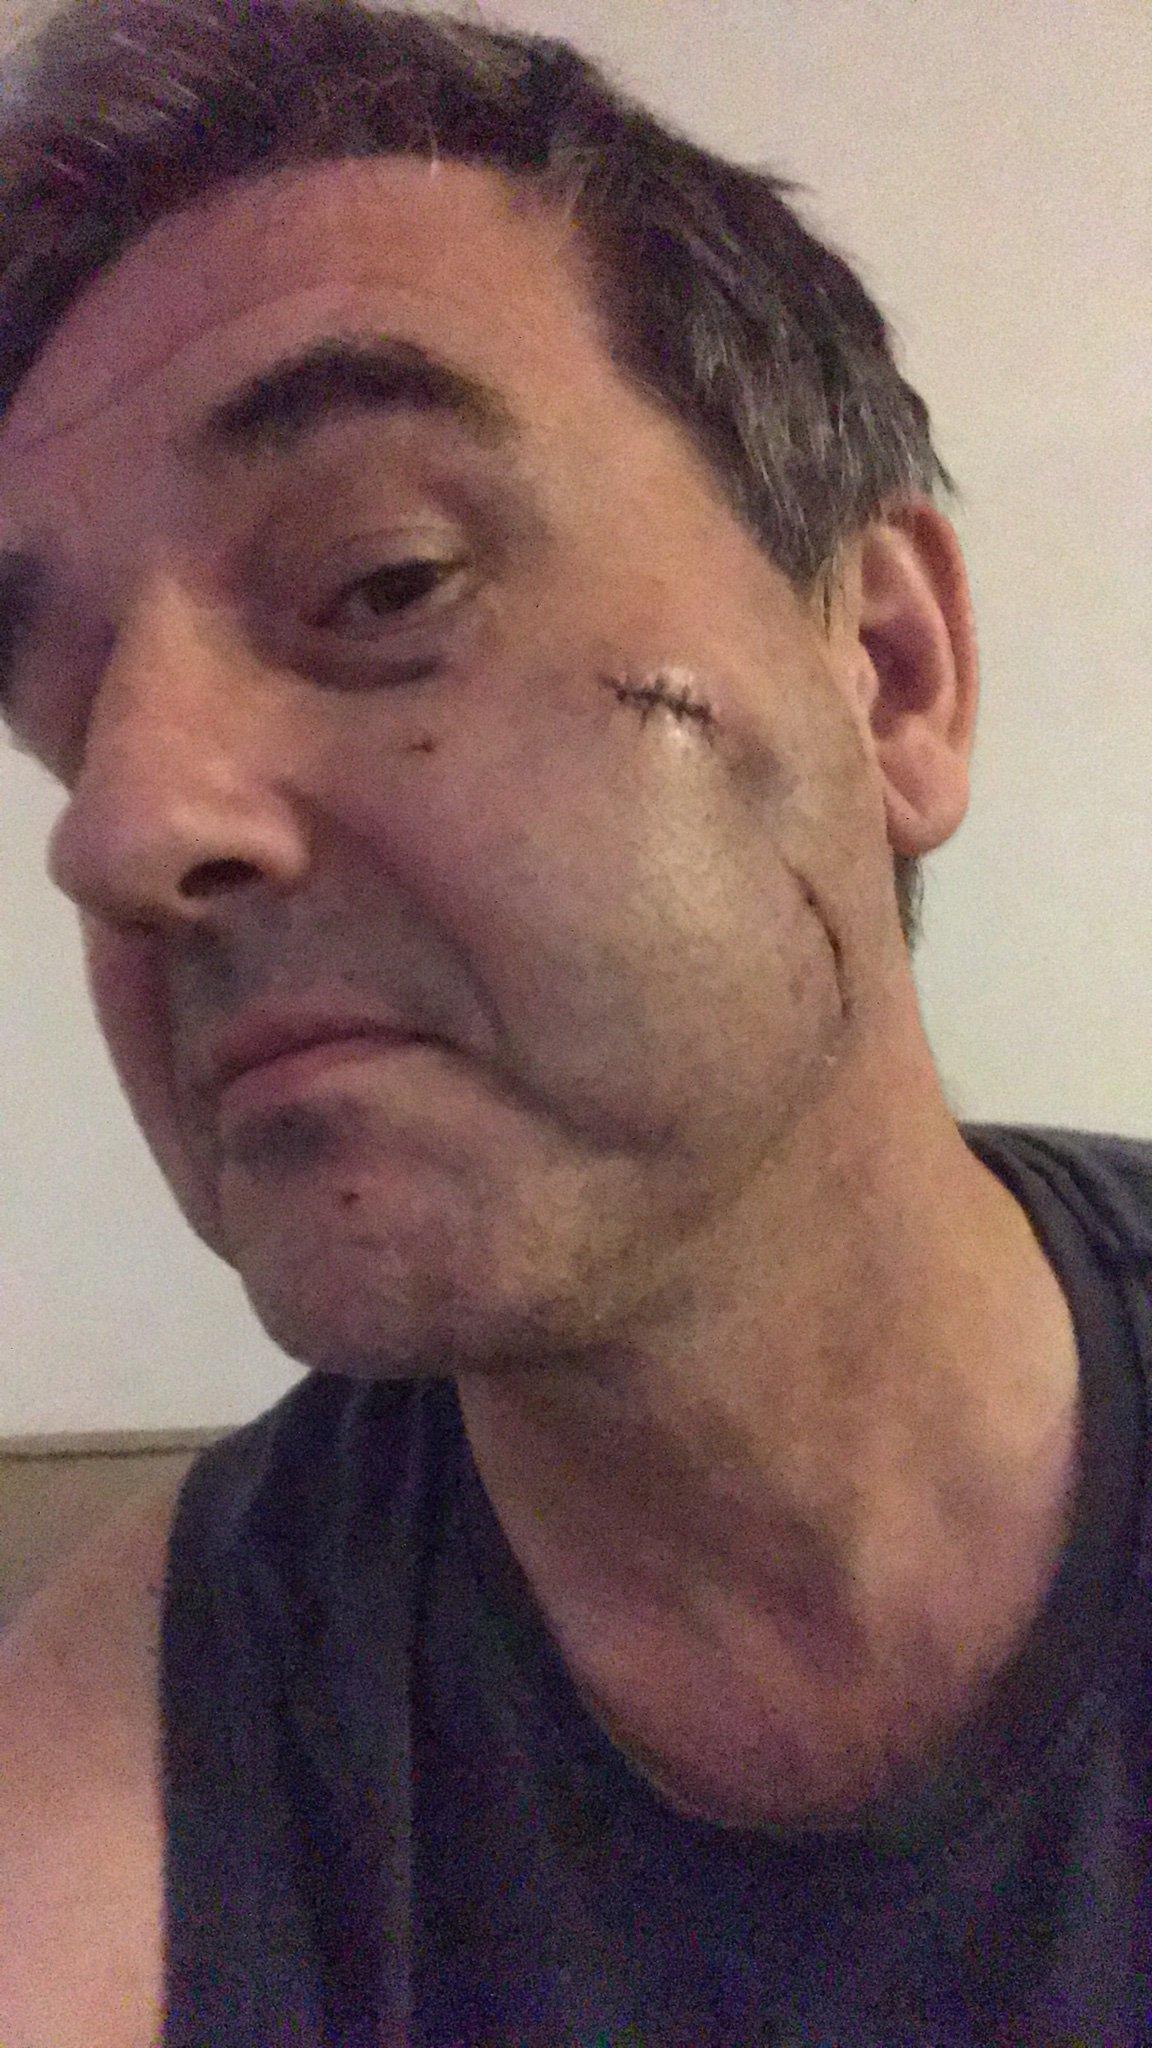 O famoso apresentador esportivo inglês Ian Payne mostrou como seu rosto ficou após ser atacado (Reprodução)